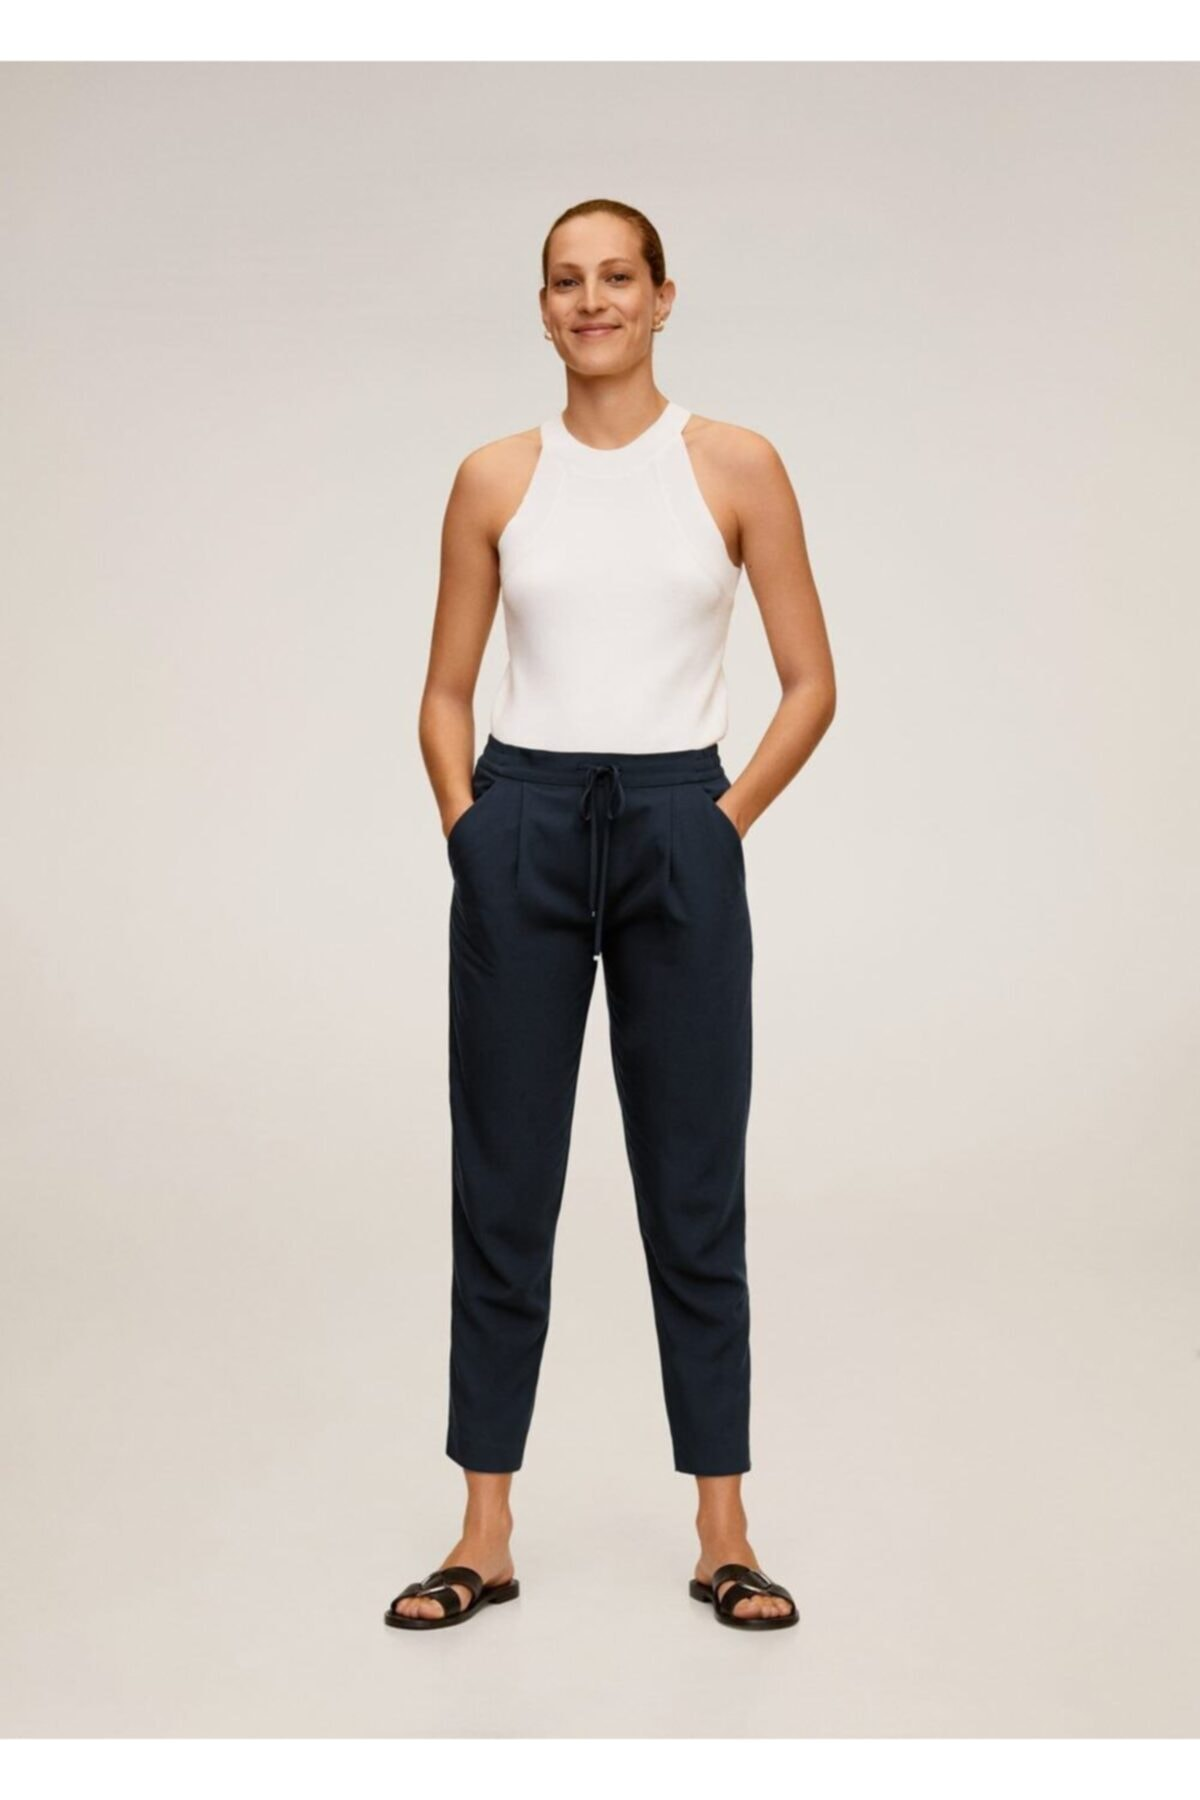 MANGO Woman Kadın Lacivert Bağcıklı Takım Pantolon 67056705 2